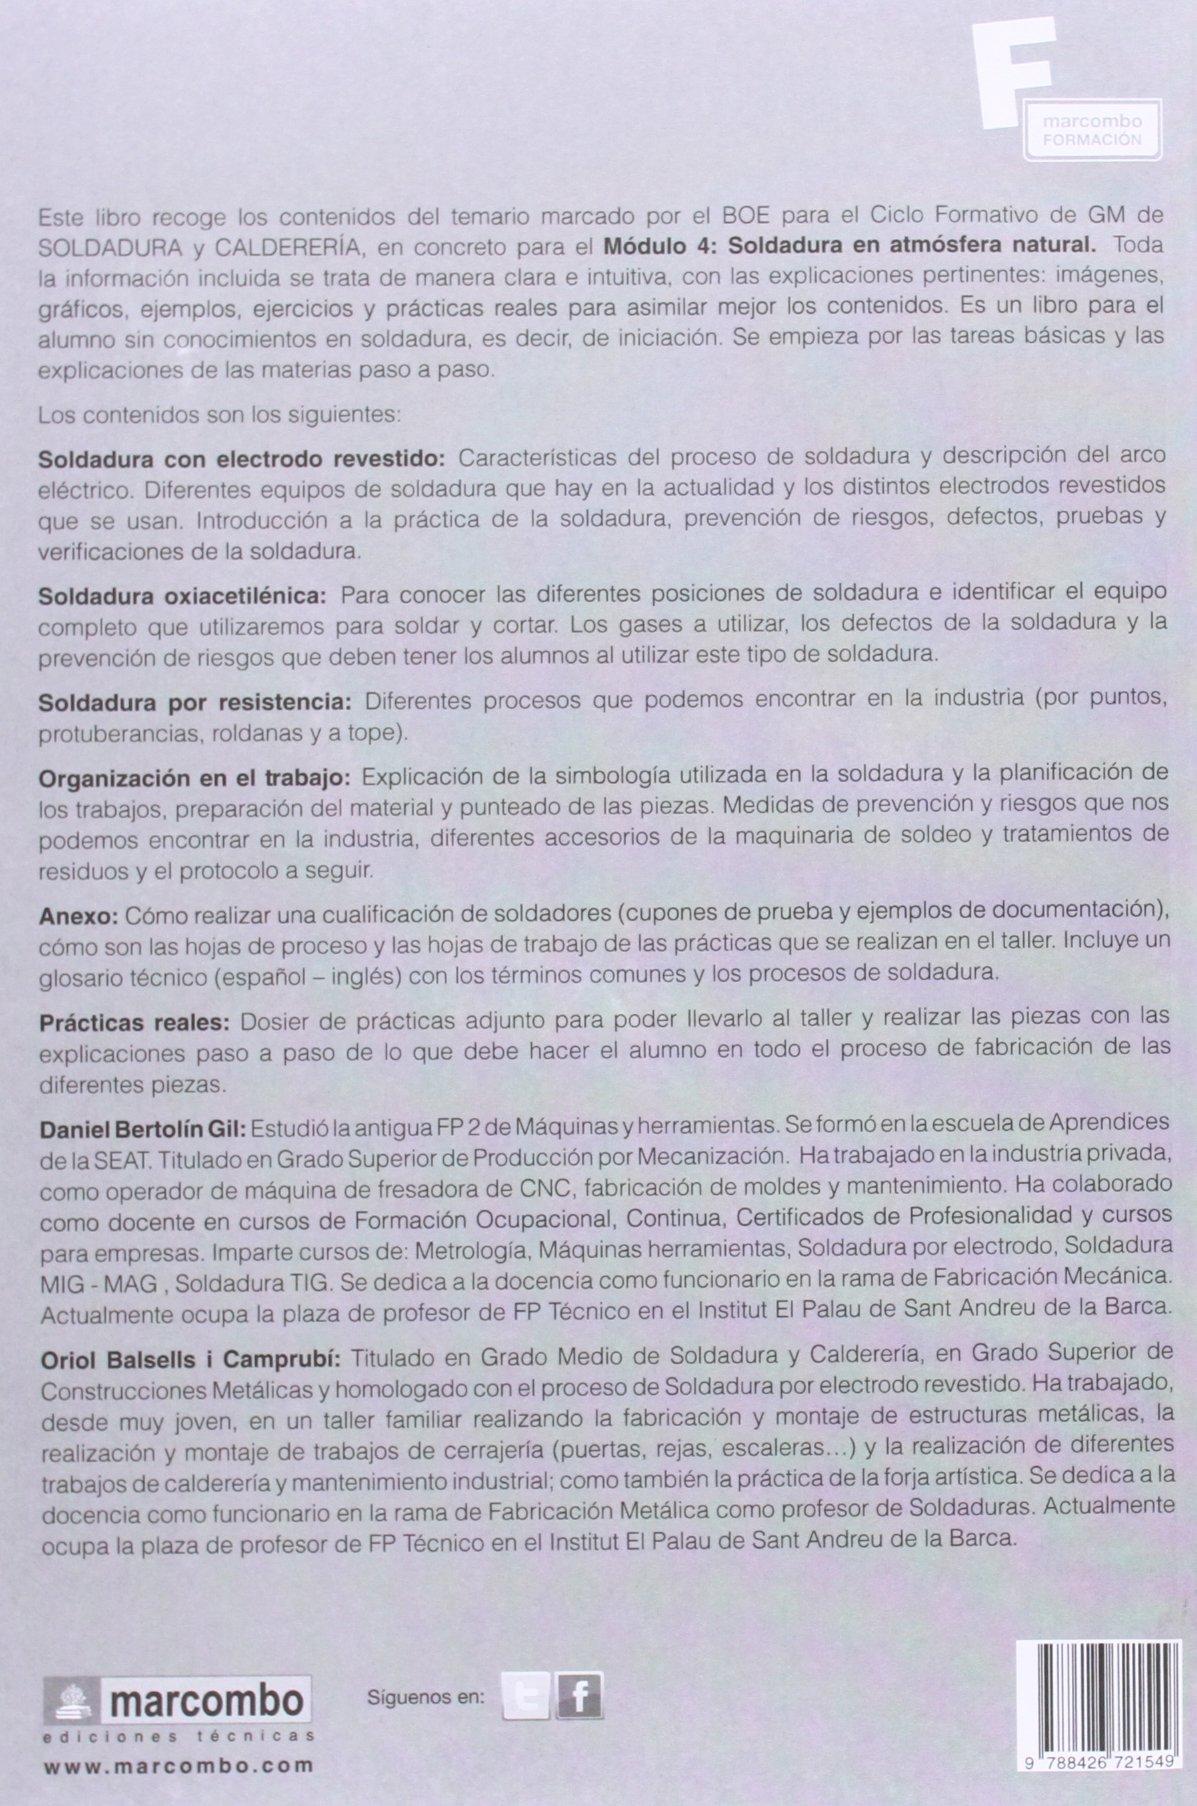 Soldadura en atmosfera natural: 1 MARCOMBO FORMACIÓN: Amazon.es: DANIEL BERTOLIN GIL, ORIOL BALSELLS I CAMPRUBÍ: Libros